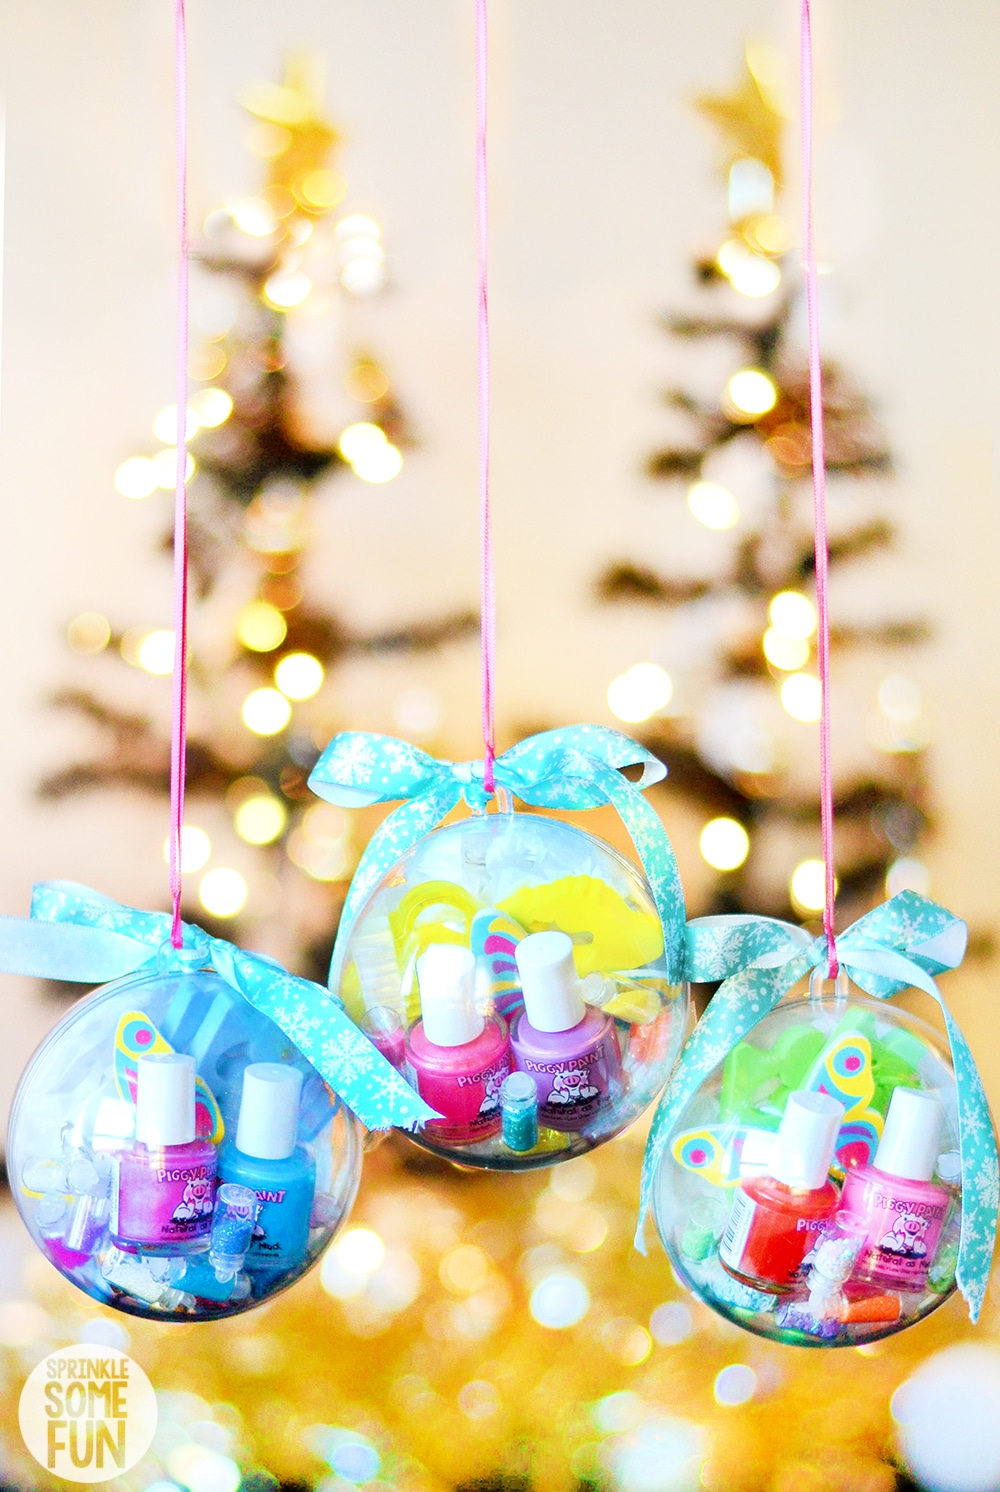 Ornaments with nail kits